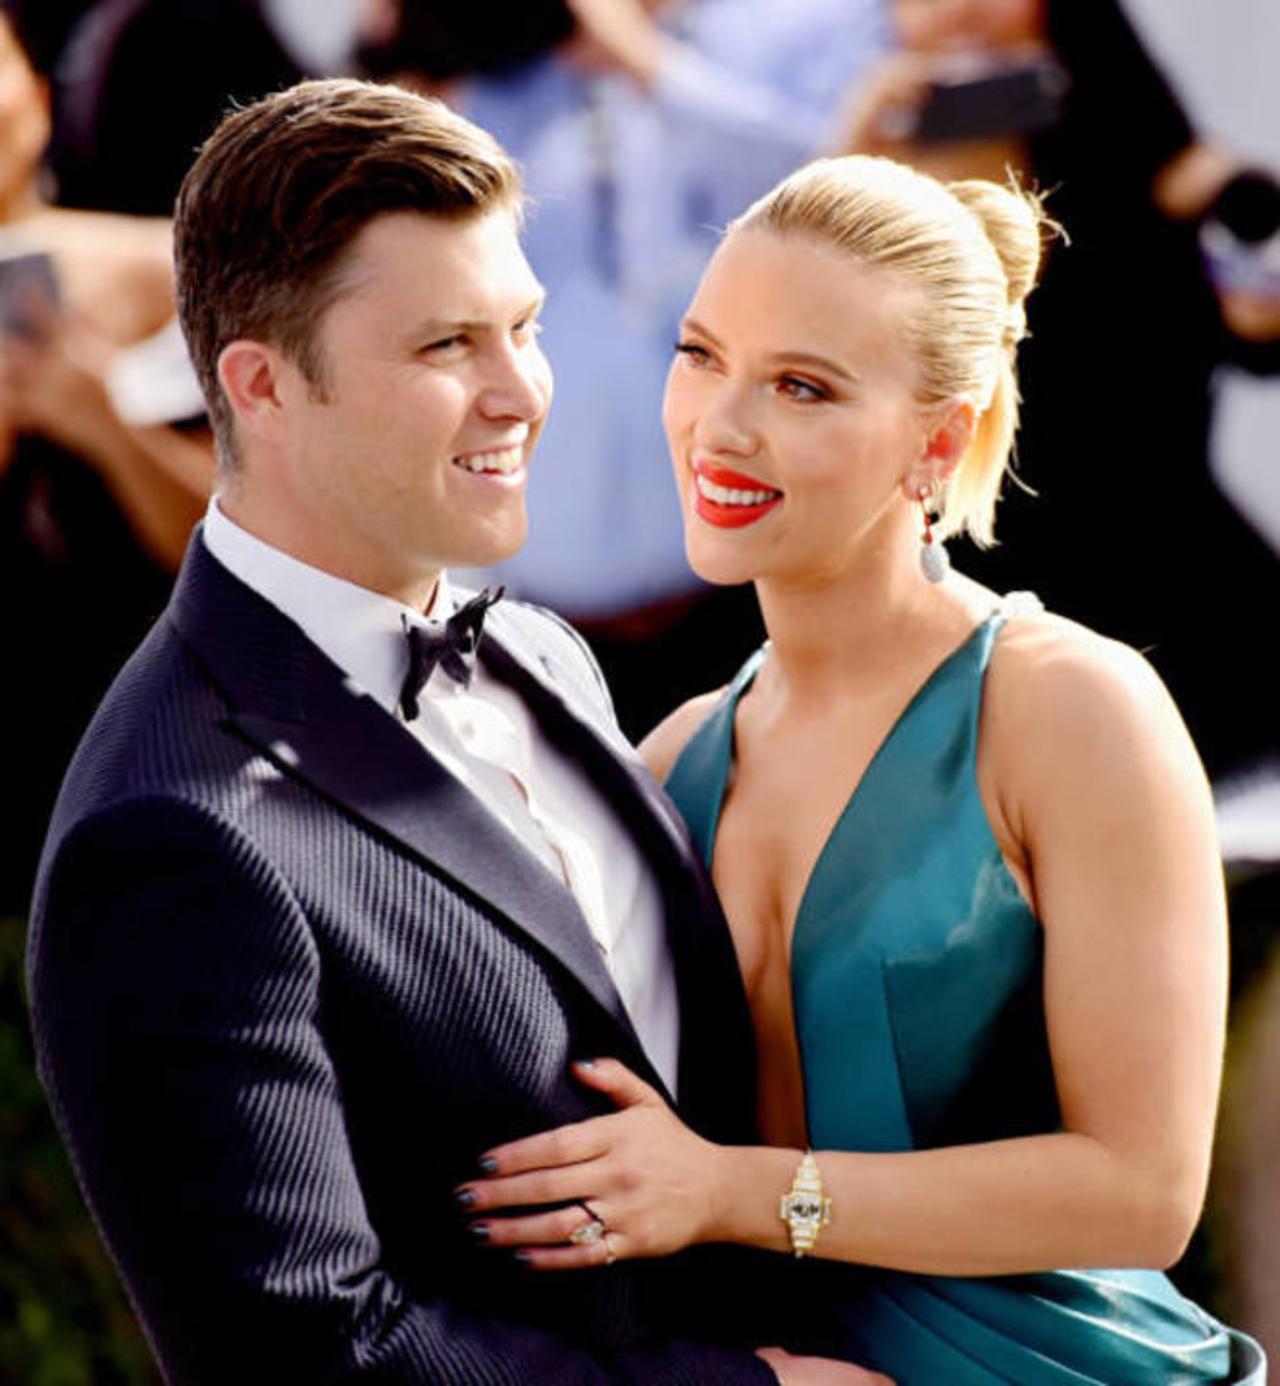 Scarlett Johansson and Colin Jost Got Secretly Married